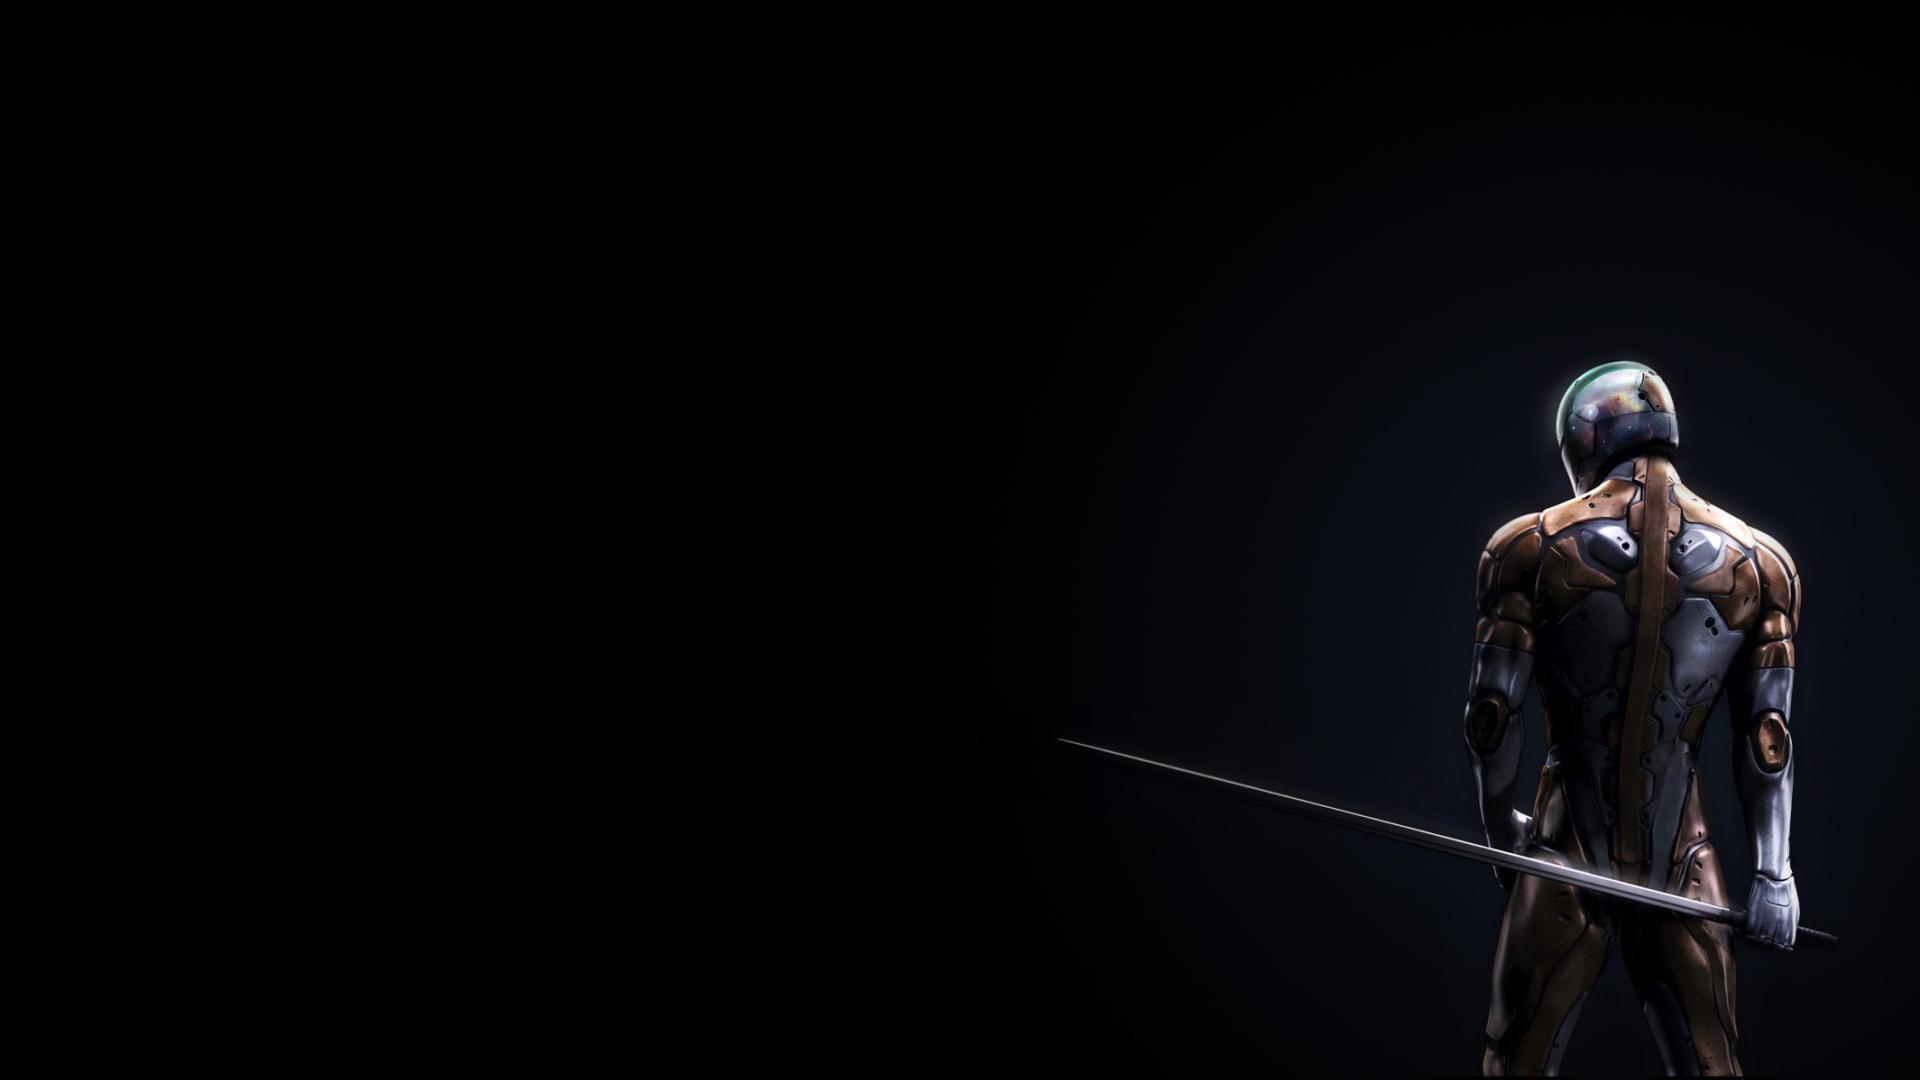 page d'accueil jeuxfonds d'écran hd ninja, dos, arme